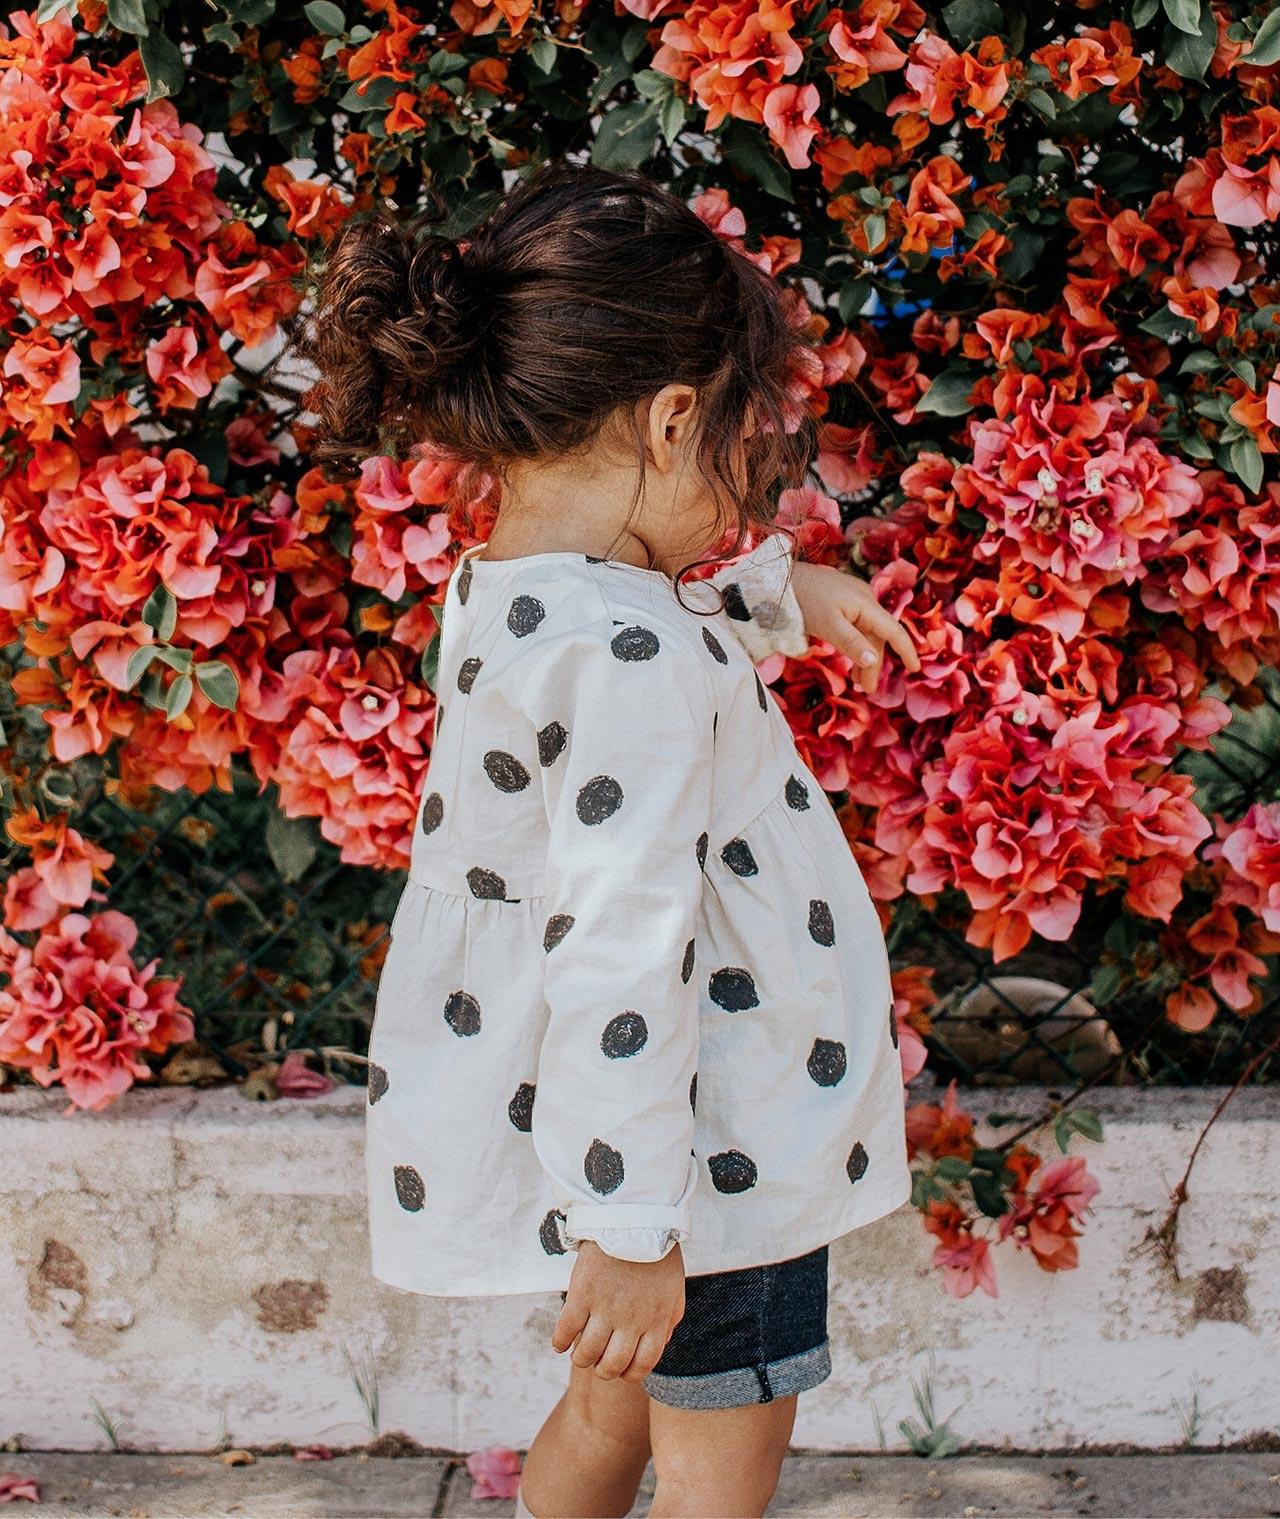 Βασικοί κανόνες για το ντύσιμο του μικρού σας παιδιού